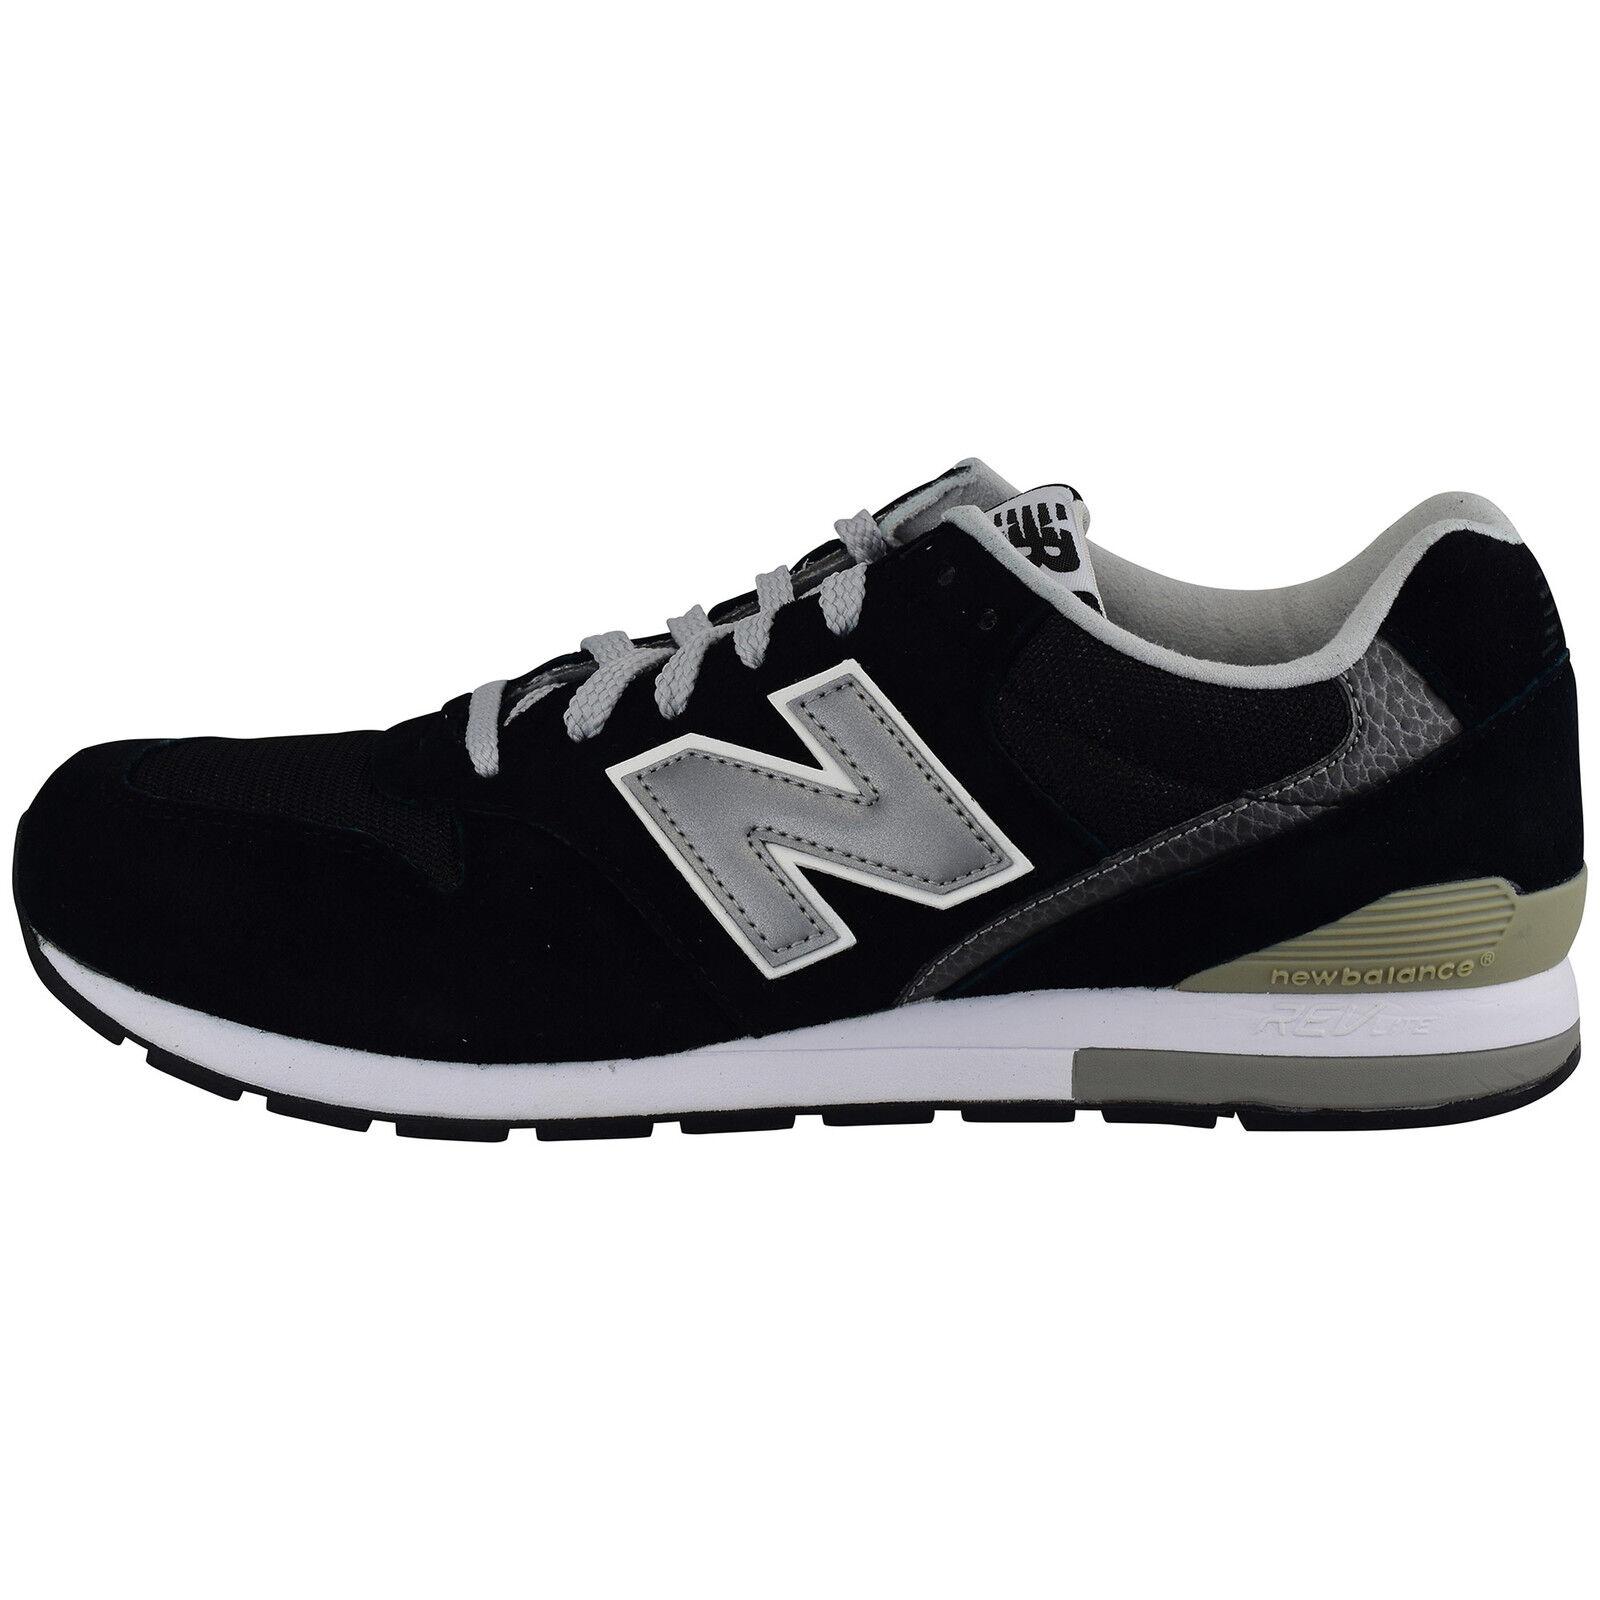 nouveau   Mrl996bl Lifestyle paniers Loisir Chaussures de Course